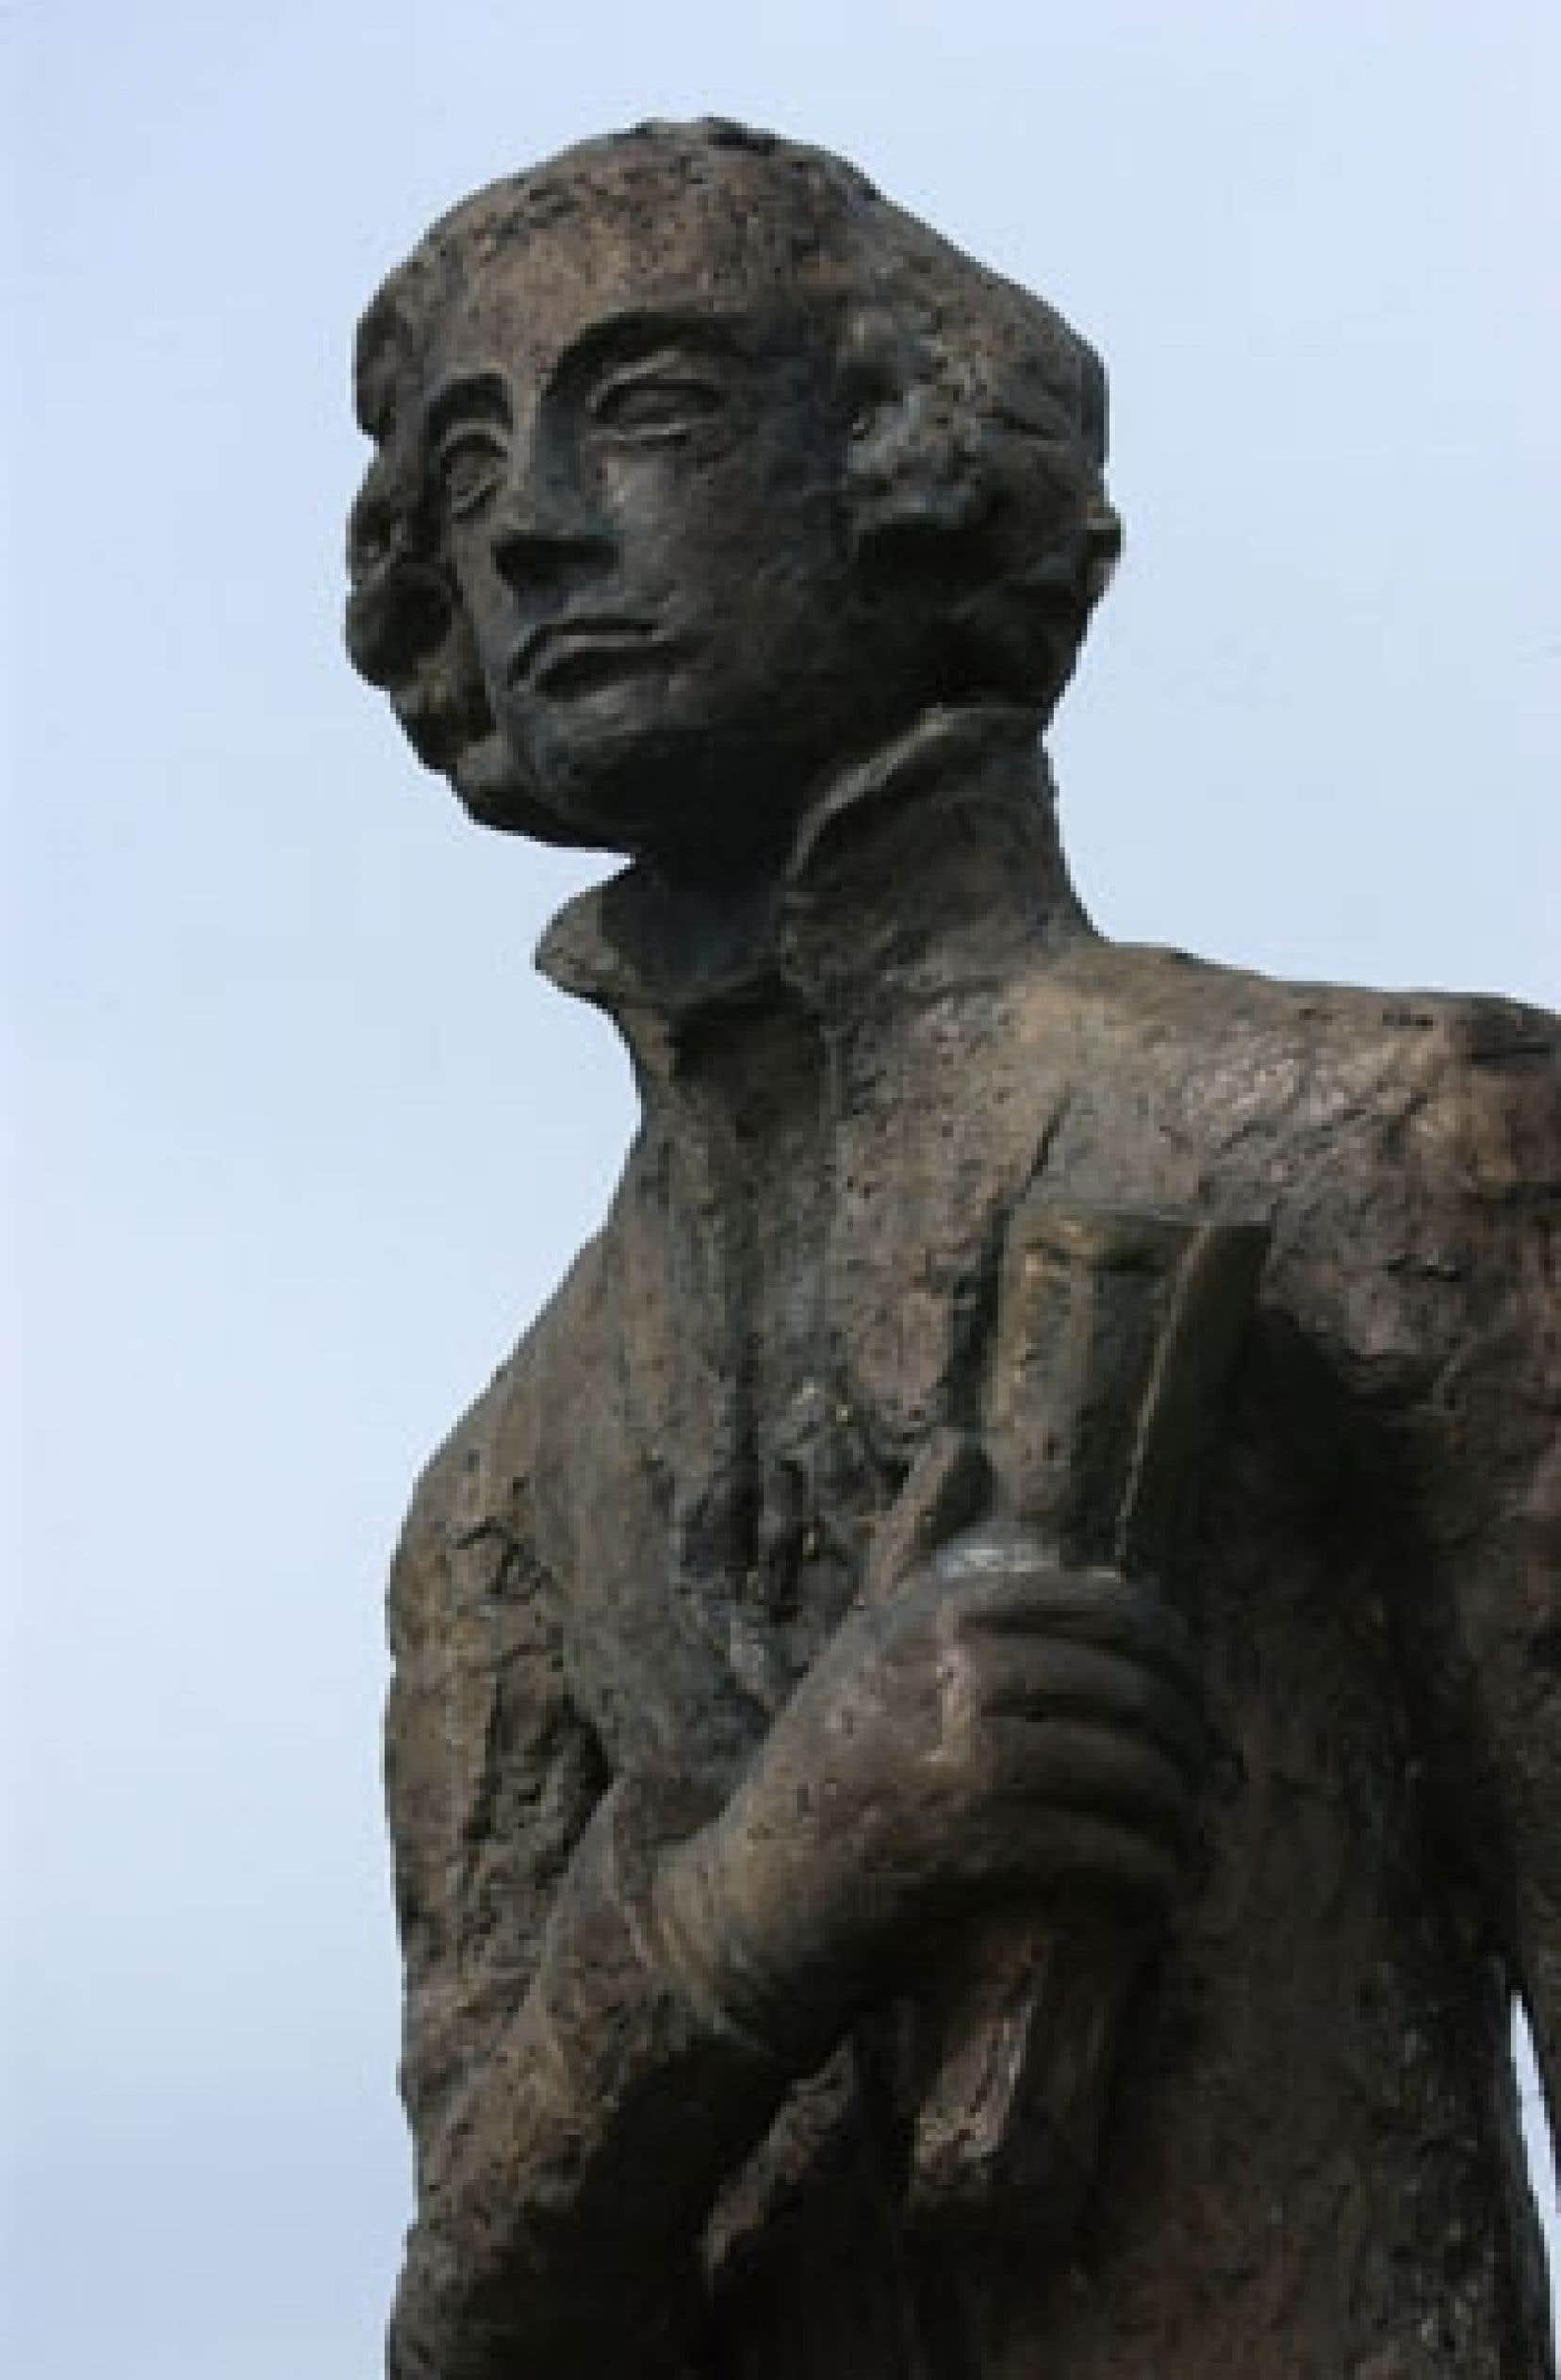 Tocqueville avait pris ses distances à l'égard du catholicisme doctrinal, mais il avait développé, dans les deux volets de La Démocratie en Amérique, une doctrine de la religion comme ferment social qui l'avait conduit ensuite à considérer le